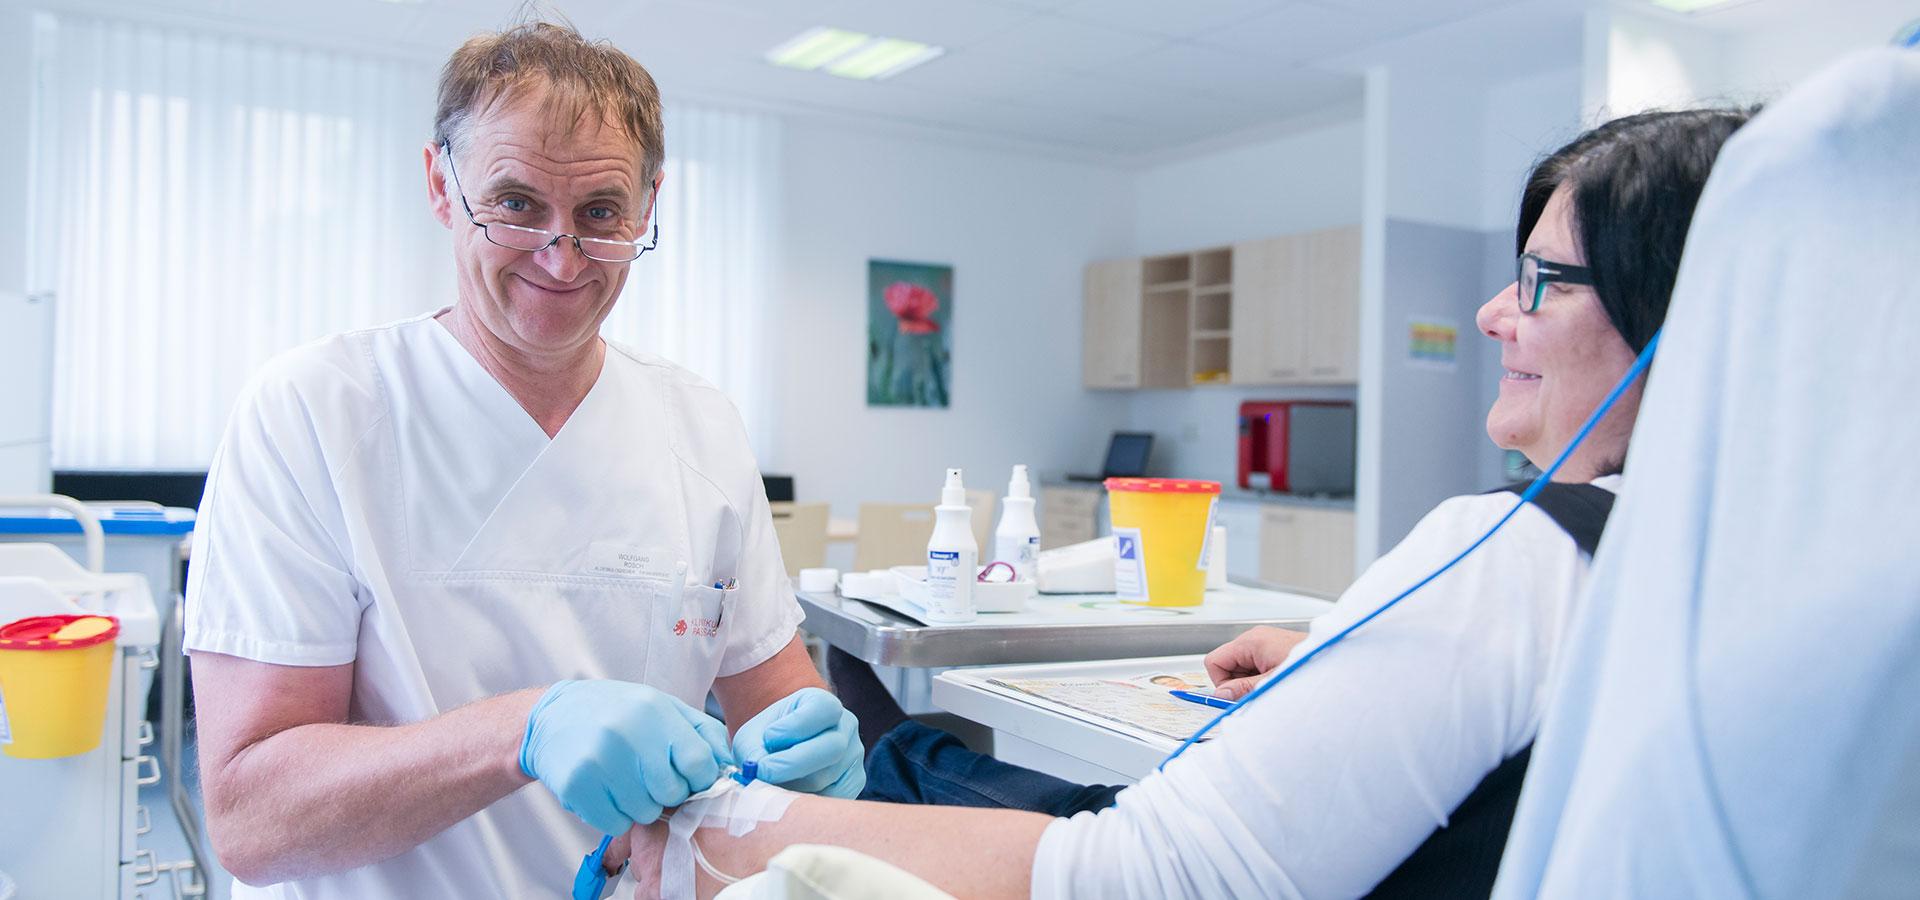 Termin bei der Schmerztherapie | Brustzentrum Passau